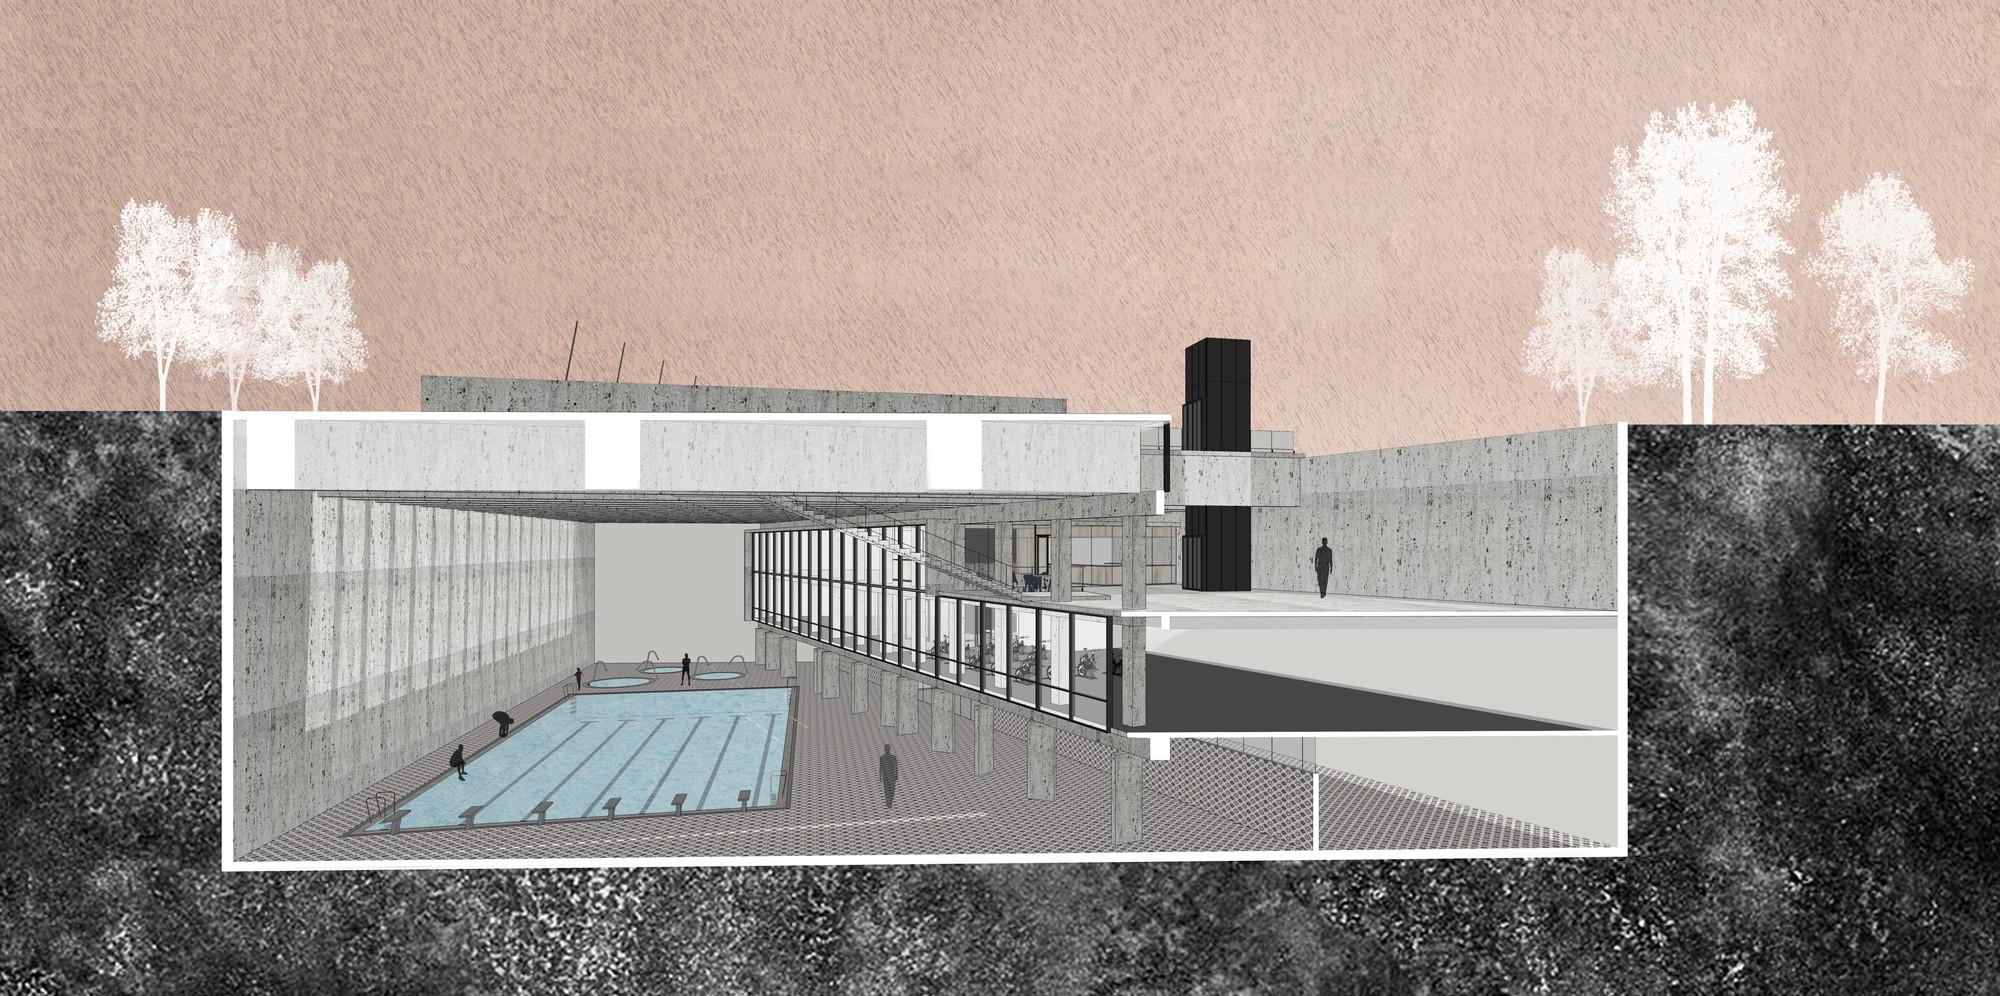 Parque Juan Pablo II: Primer Lugar. Image Courtesy of Sebastián Bravo, Miguel Casassus y Raúl Pacheco